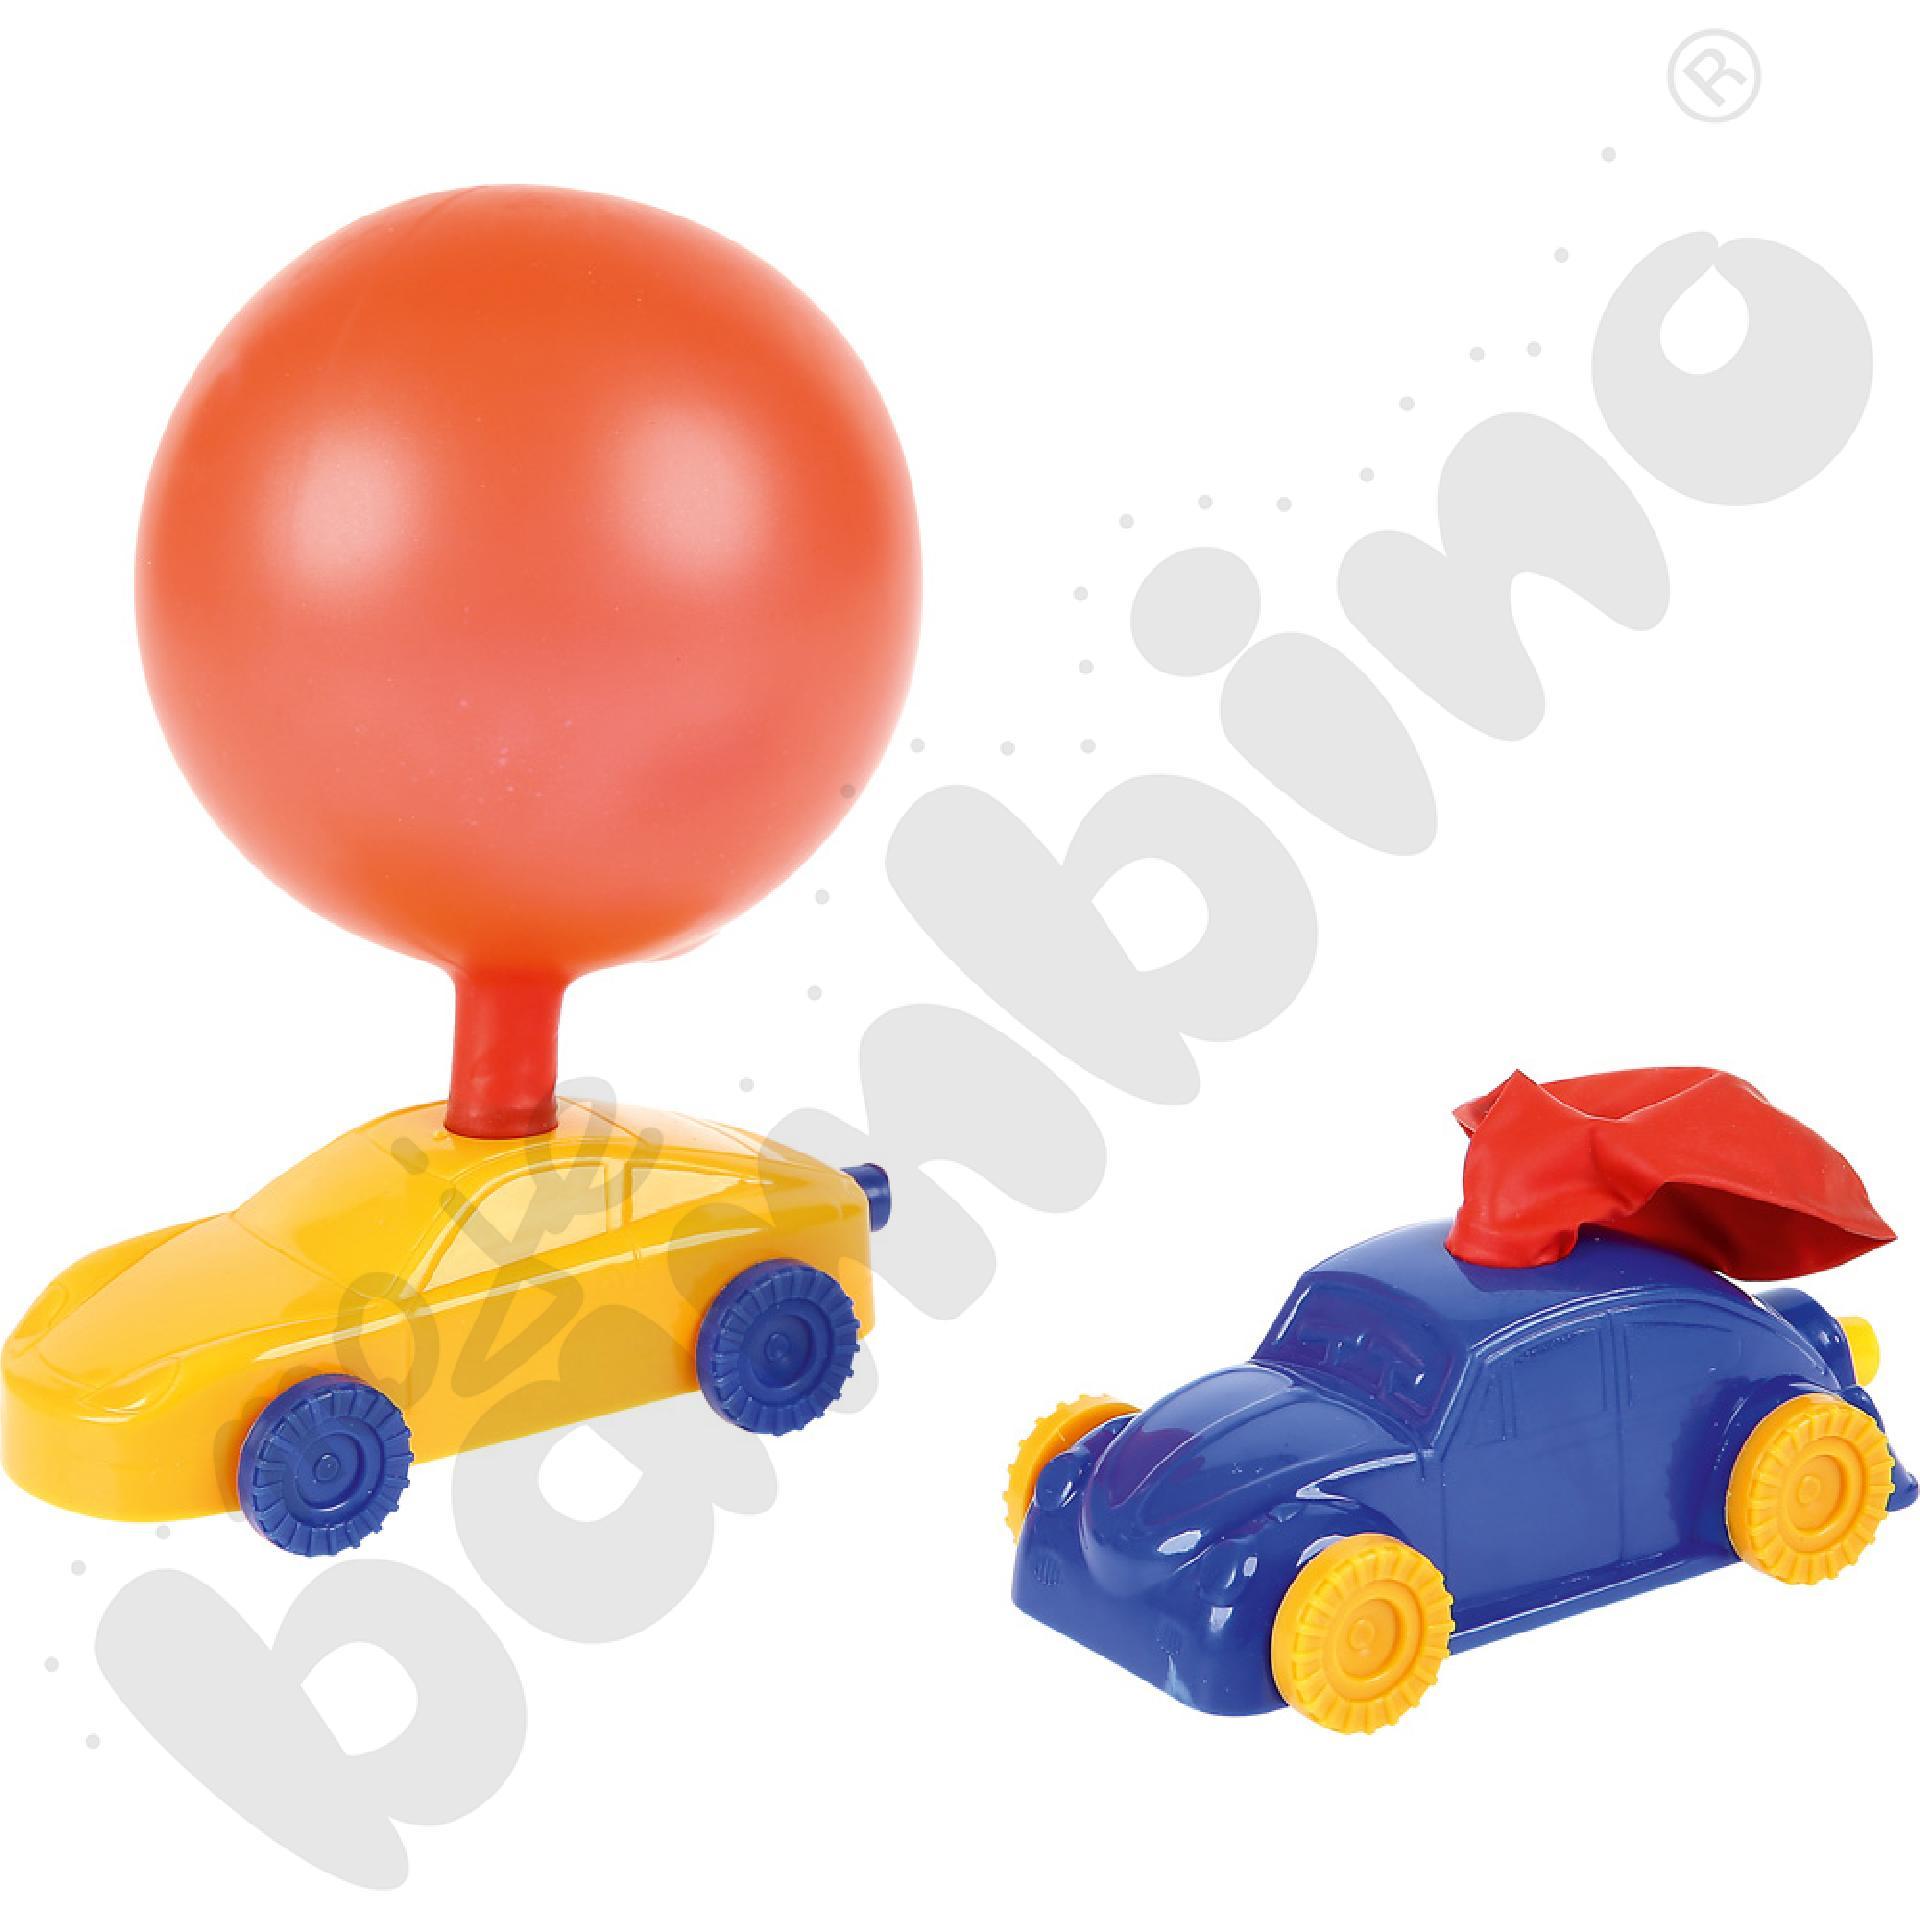 Balonowa wyścigówka